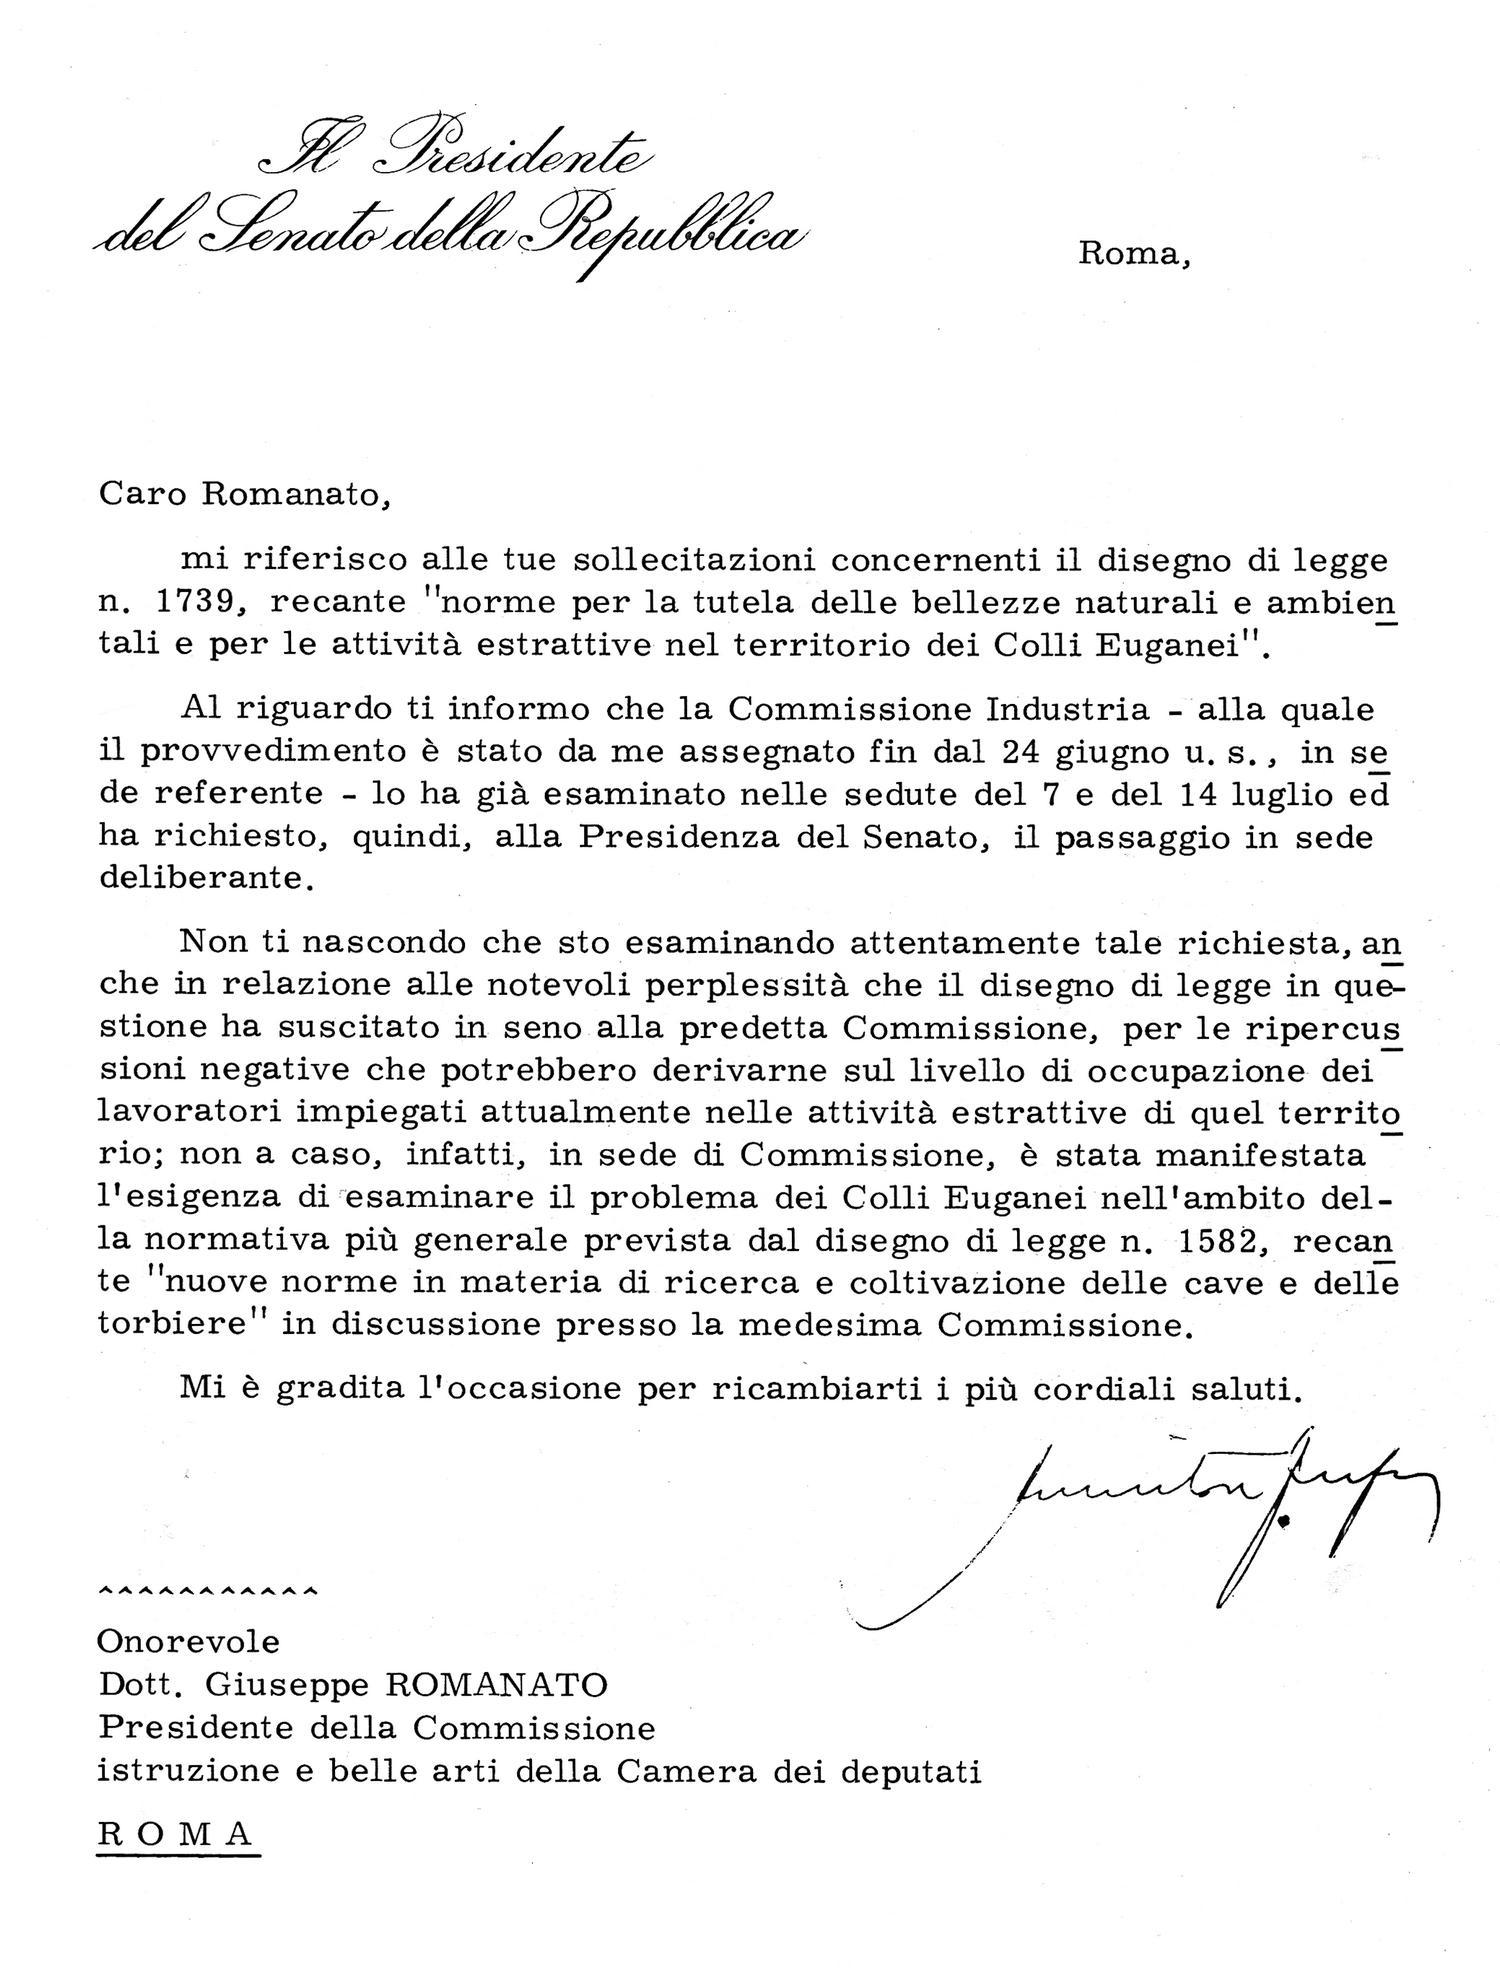 Lettera del Presidente Fanfani del 20 luglio 1971.